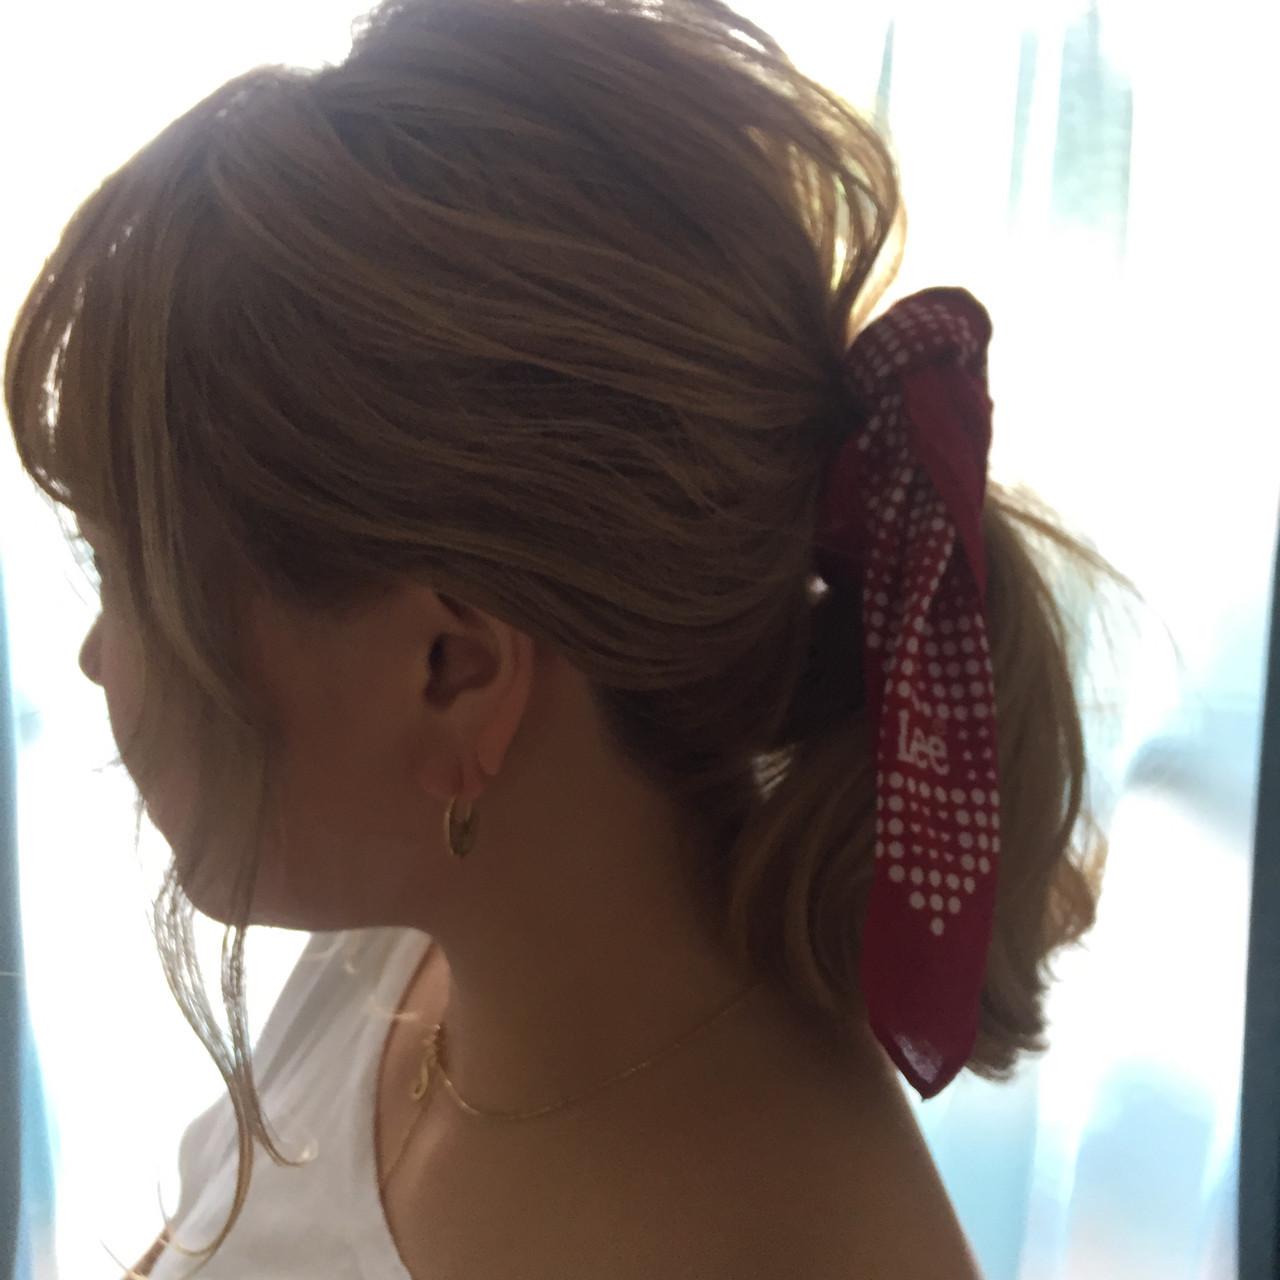 バンダナを使った髪型で可愛さUP♡とっておきアレンジ特集 北口 和樹